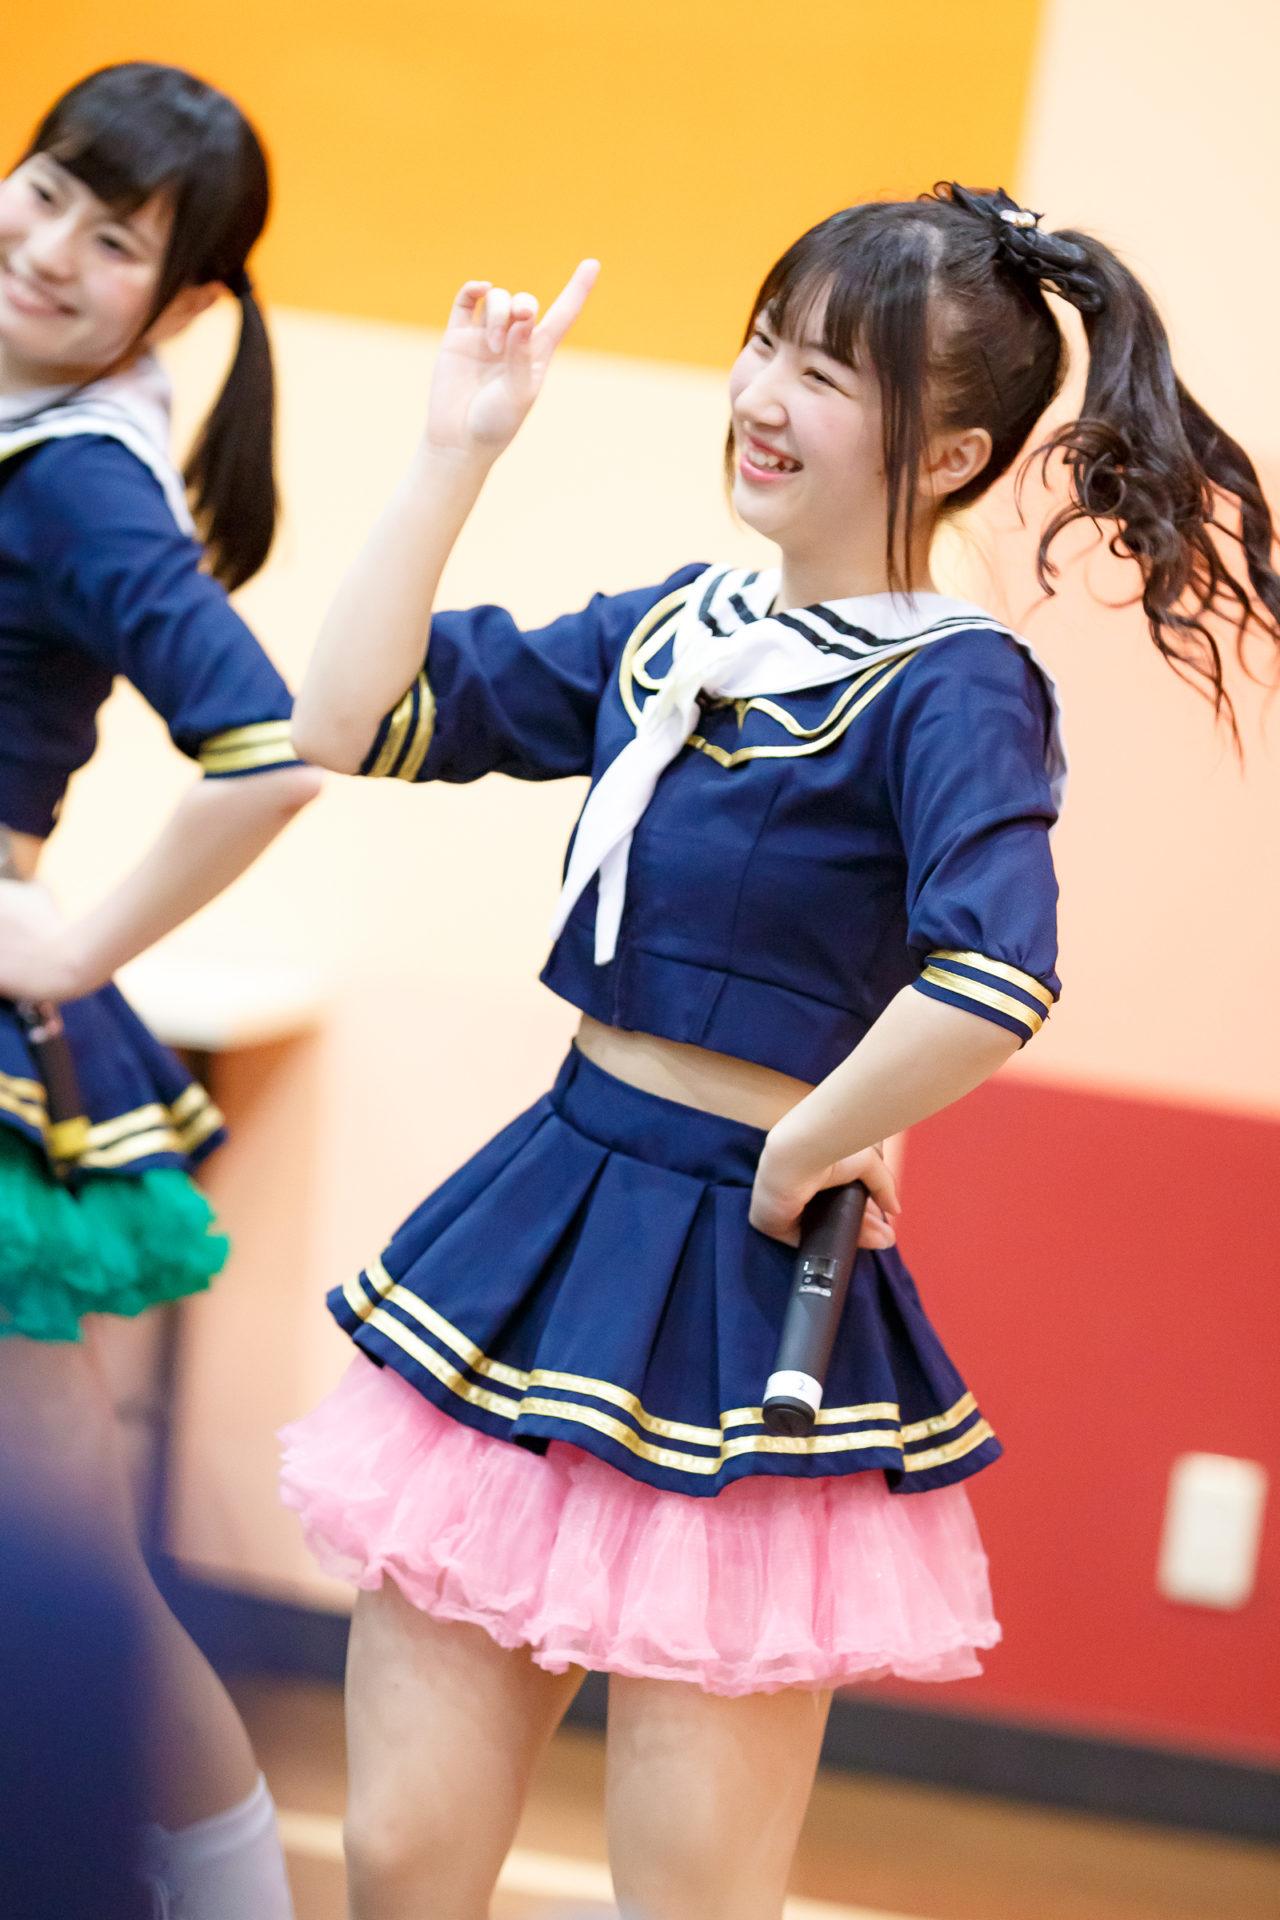 2代目HAPPY少女♪ きょうか ( 山田京佳 ) | ディノスパーク×ライブプロ マンスリーLIVE vol.2